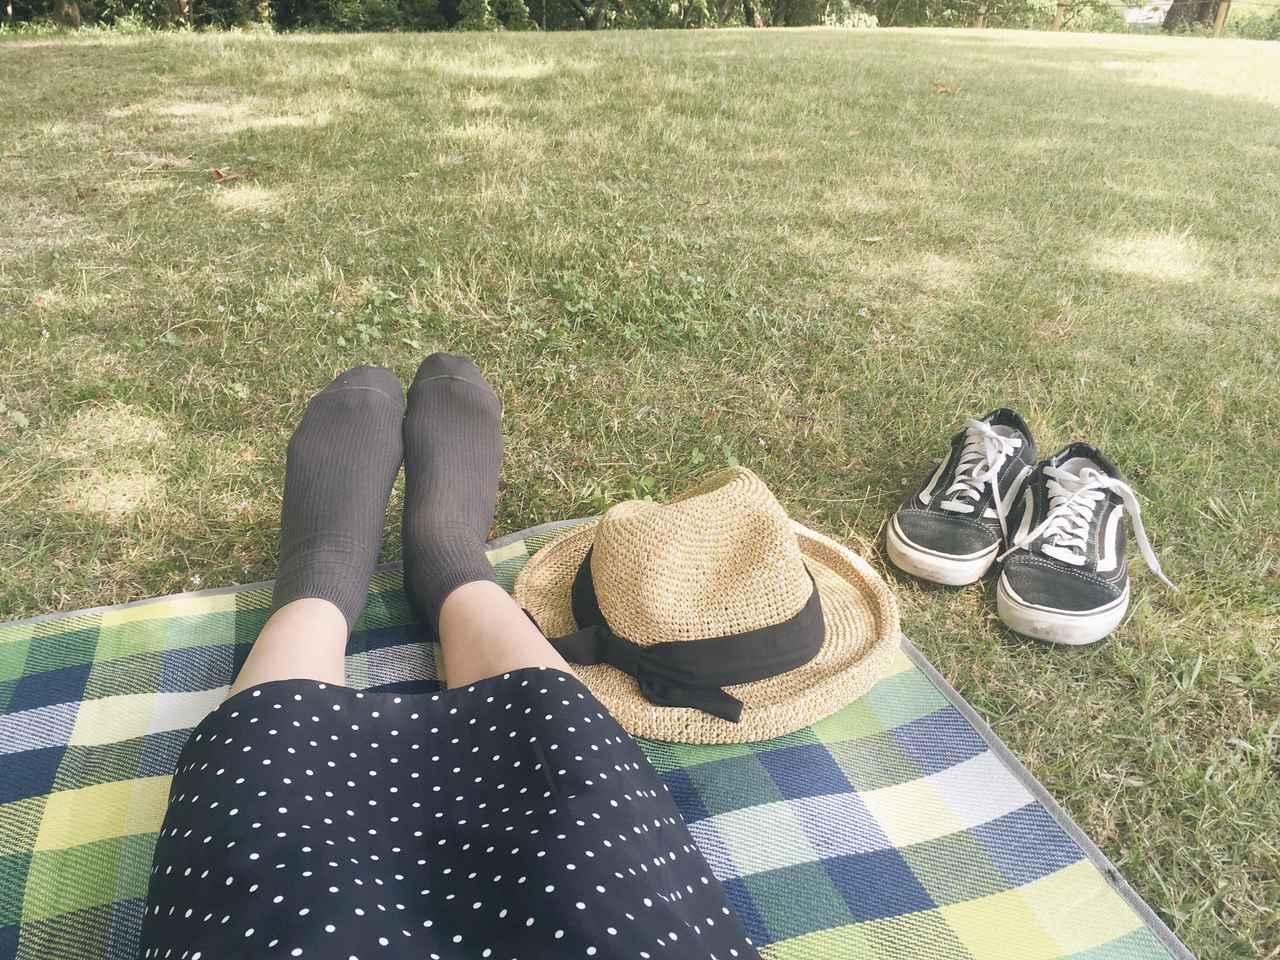 画像: 厚手のレジャーシートはキャンプやピクニックにおすすめ! 自分のお気に入りを見つけて快適に過ごそう